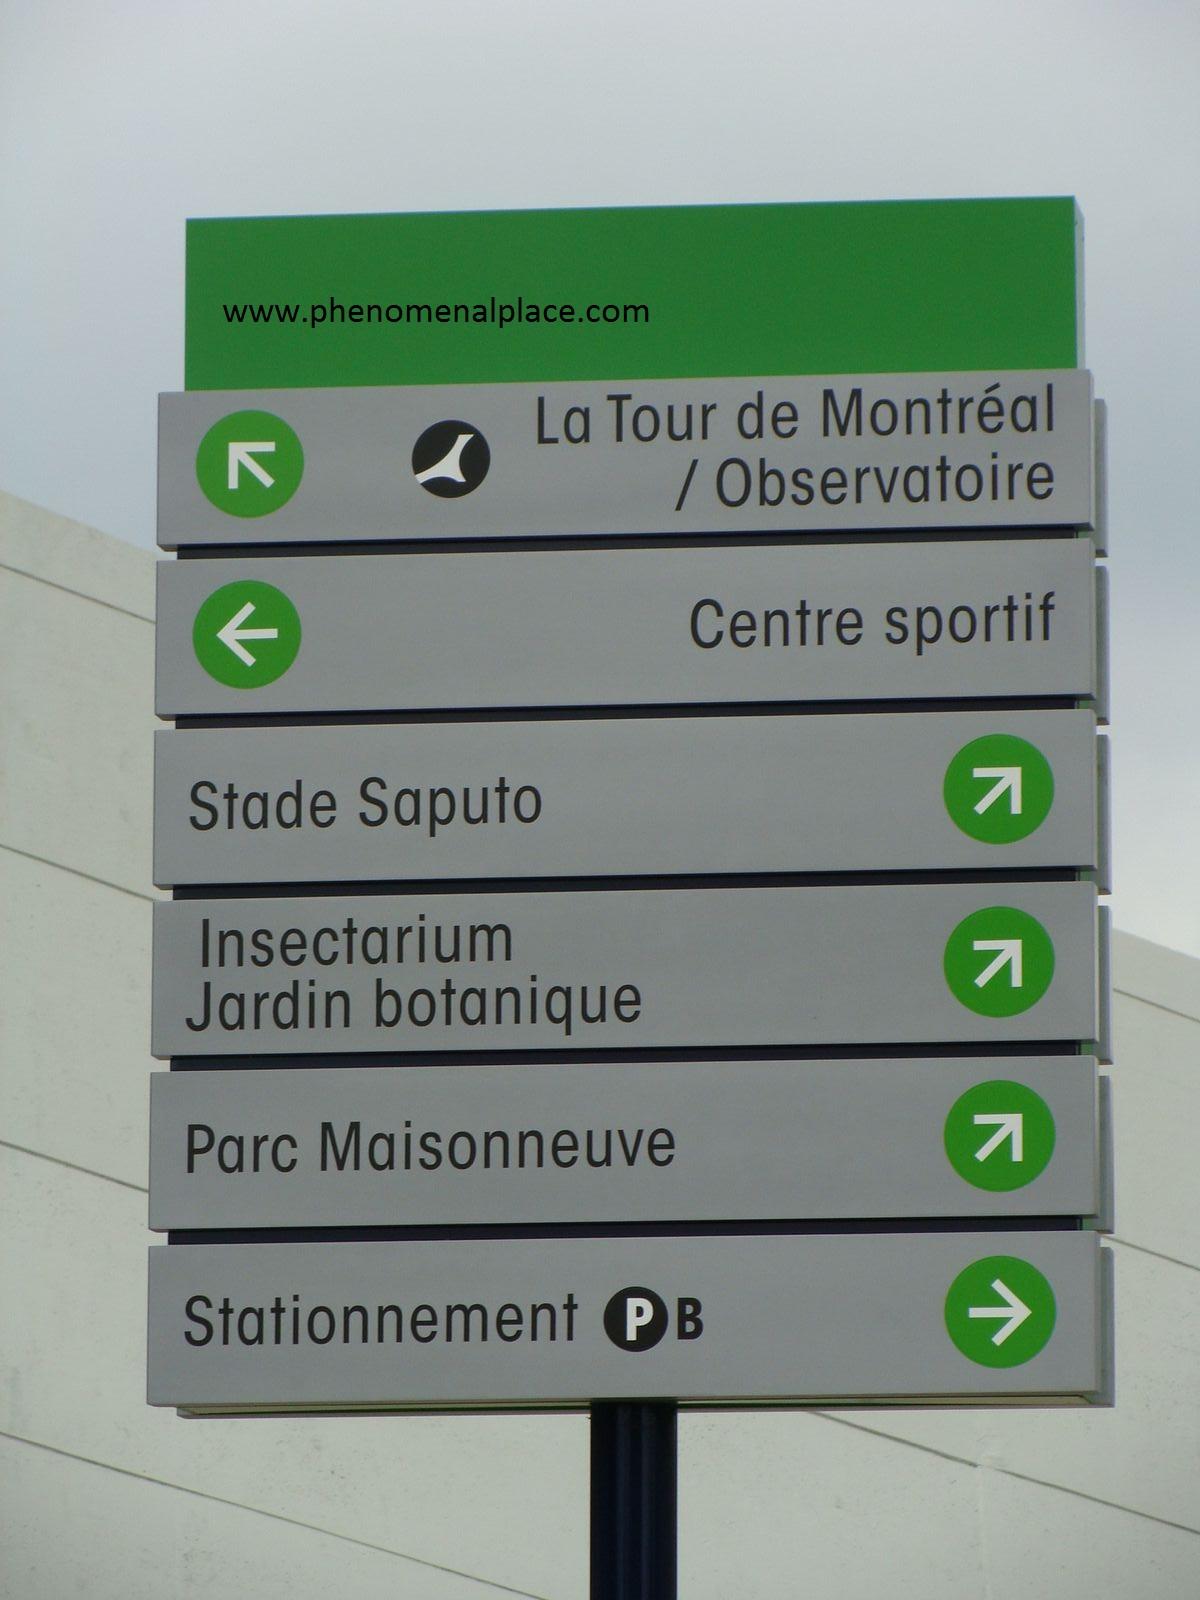 http://1.bp.blogspot.com/-tzJcNScQp-0/TZCaJAR-J2I/AAAAAAAAAVY/bmiYMEqP4fI/s1600/French_Sign_Boards_Montreal_Quebec_Canada.JPG